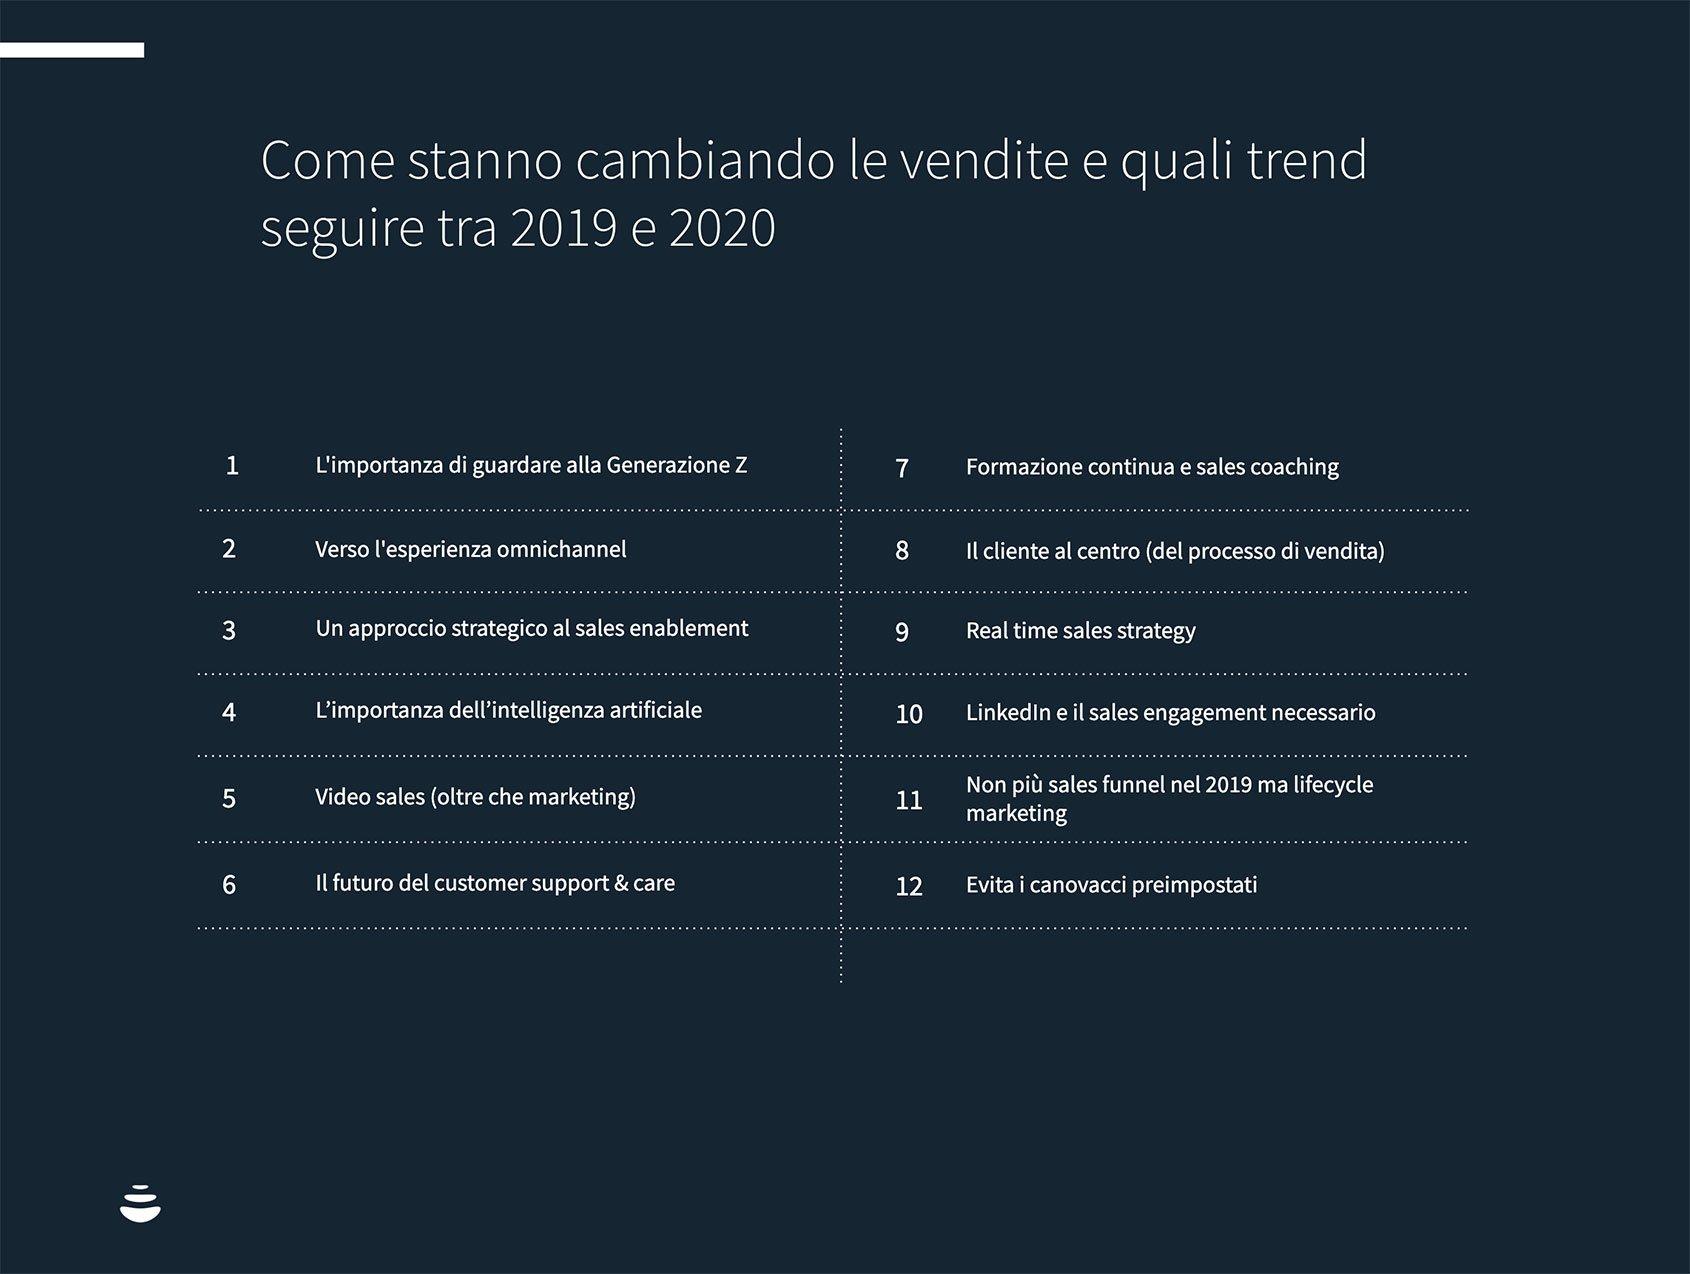 Come stanno cambiando le vendite e quali trend seguire tra 2019 e 2020